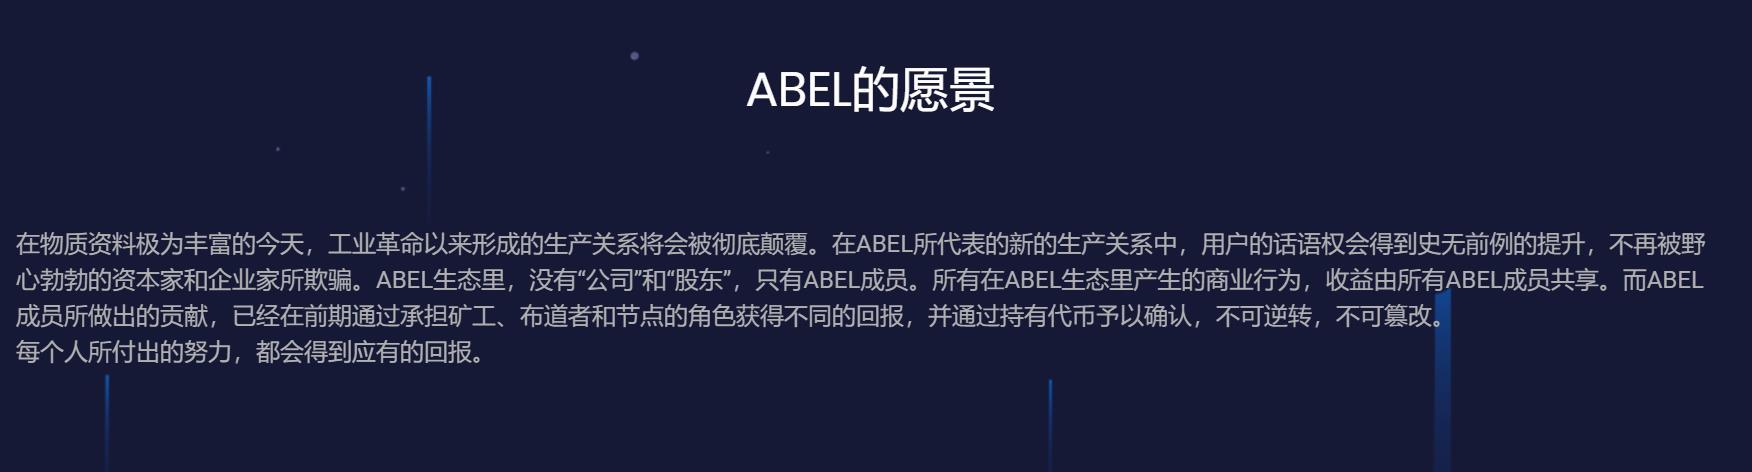 ABEL的愿景